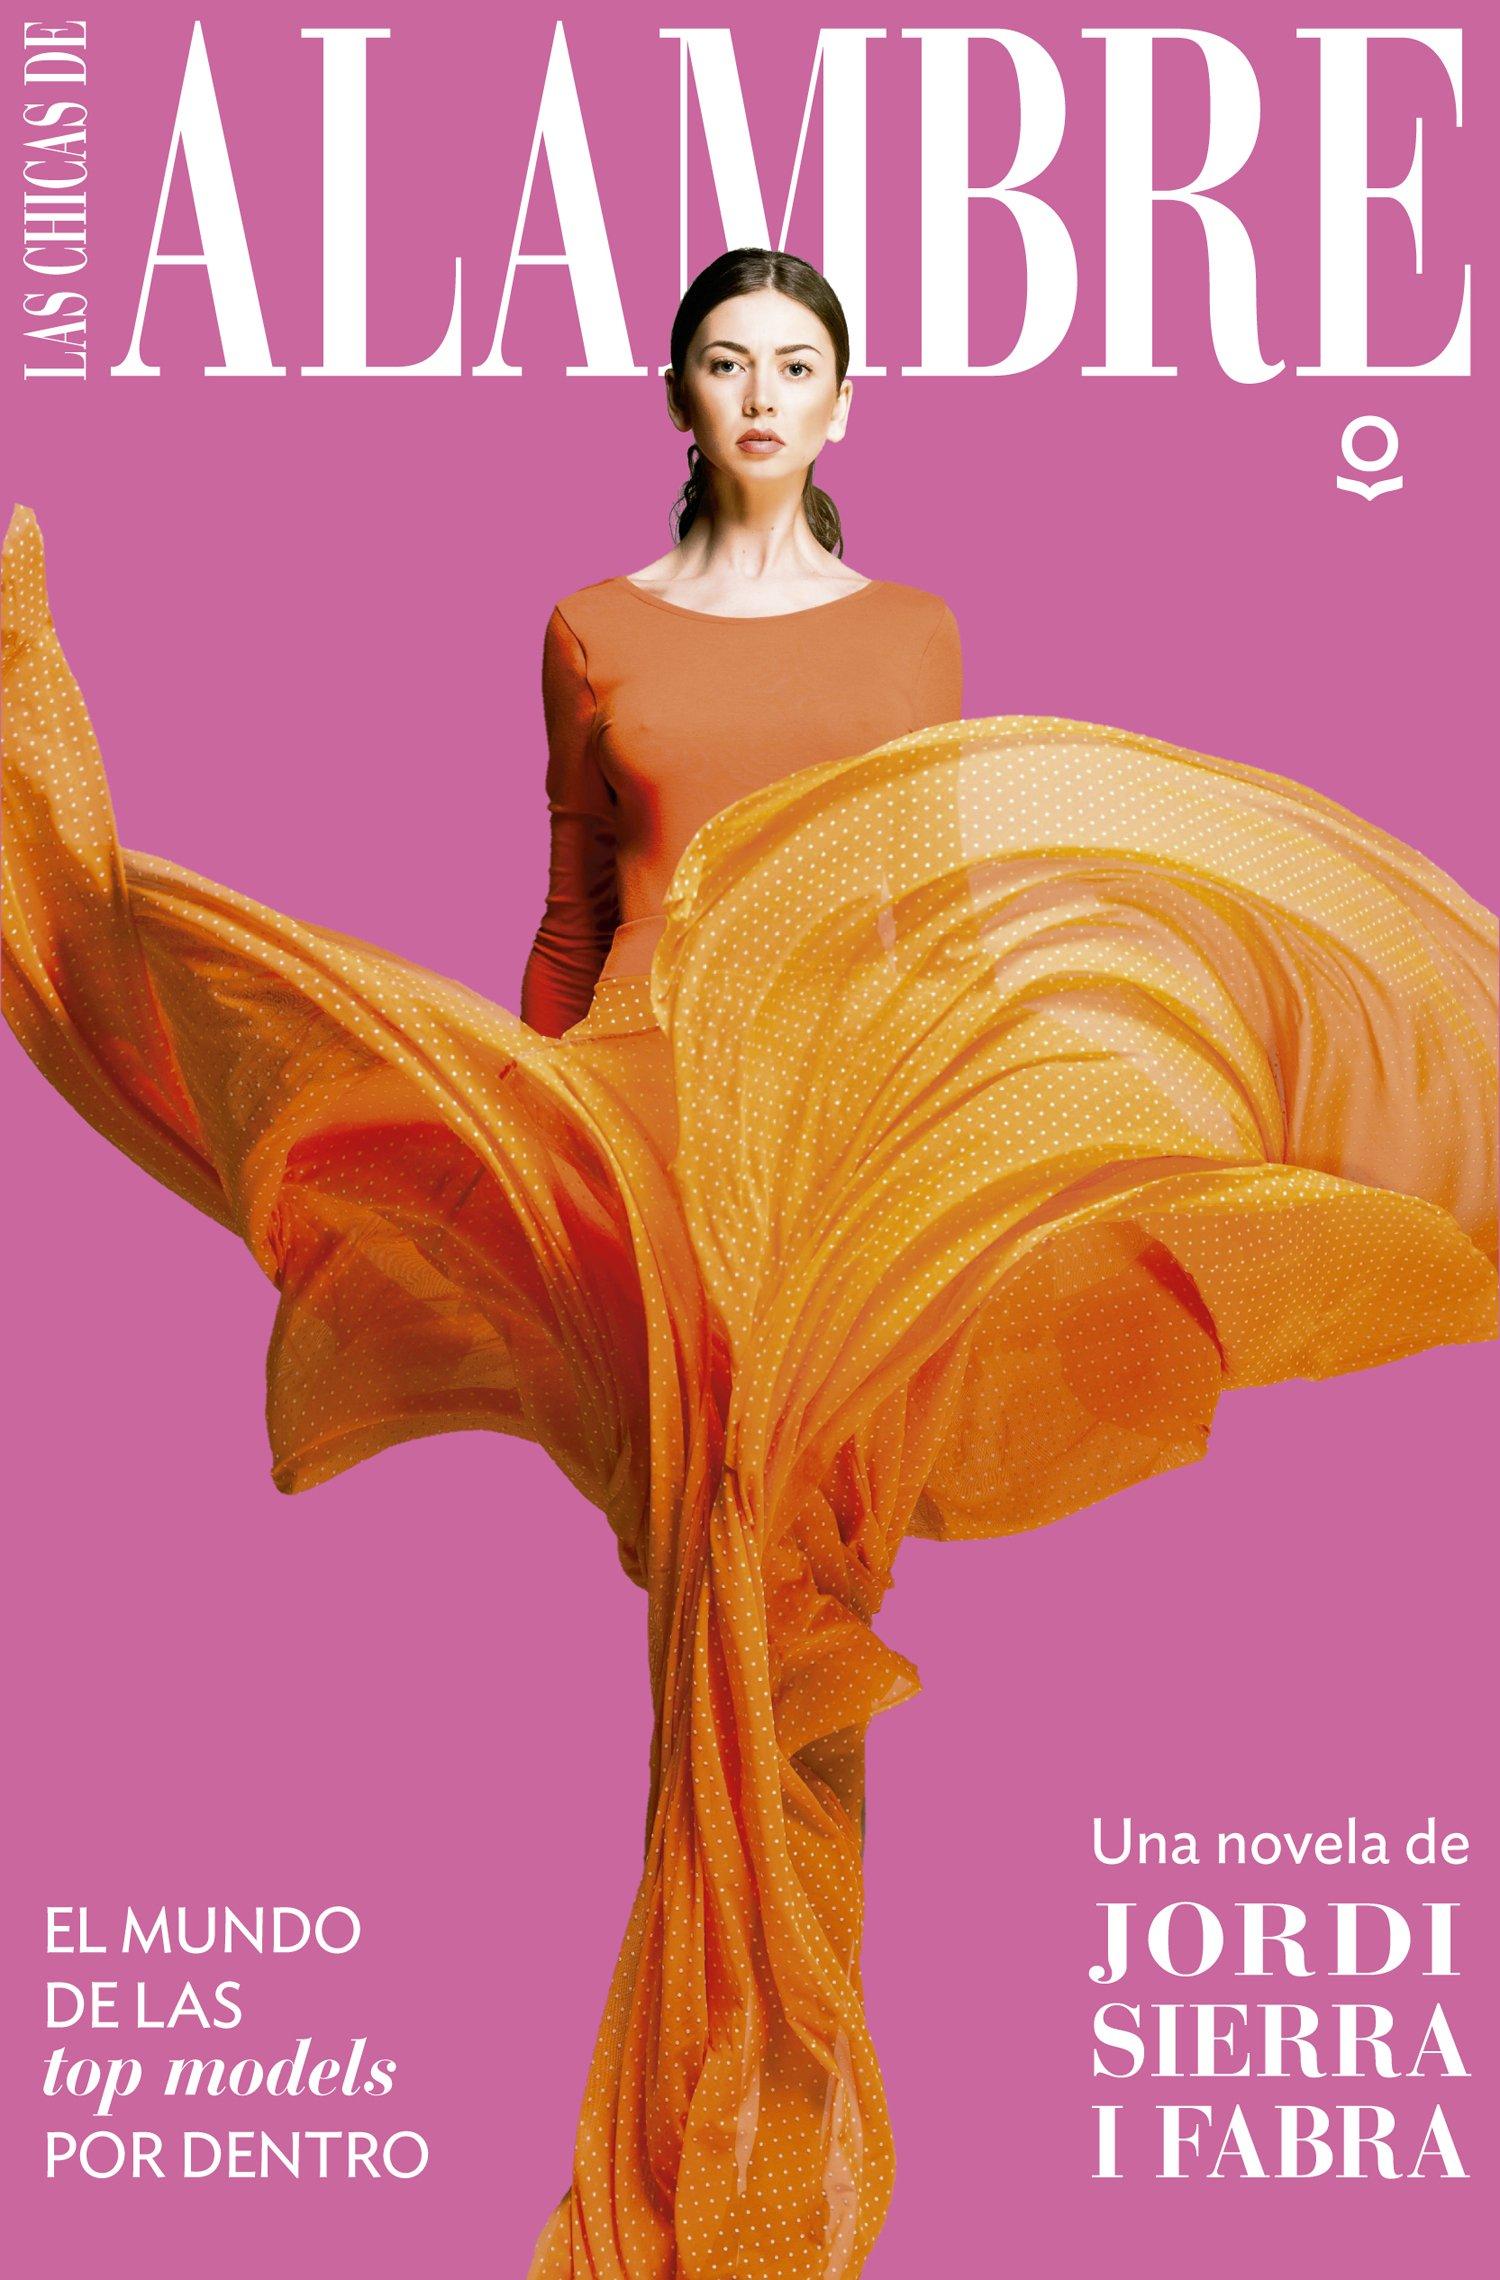 Las chicas de alambre (Serie Roja): Amazon.es: Jordi Sierra I Fabra: Libros